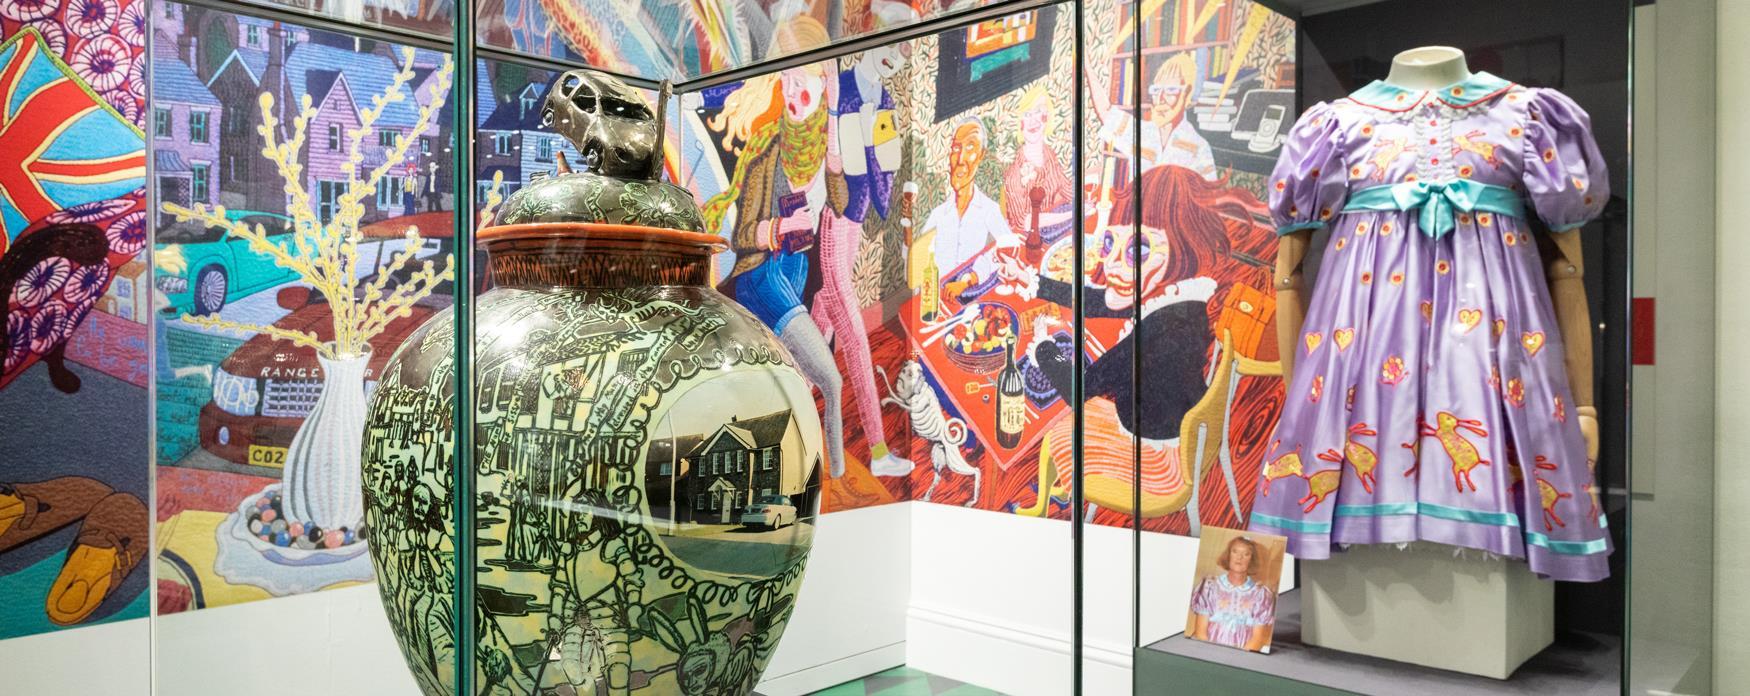 Ceramics Rom Chelmsford museum